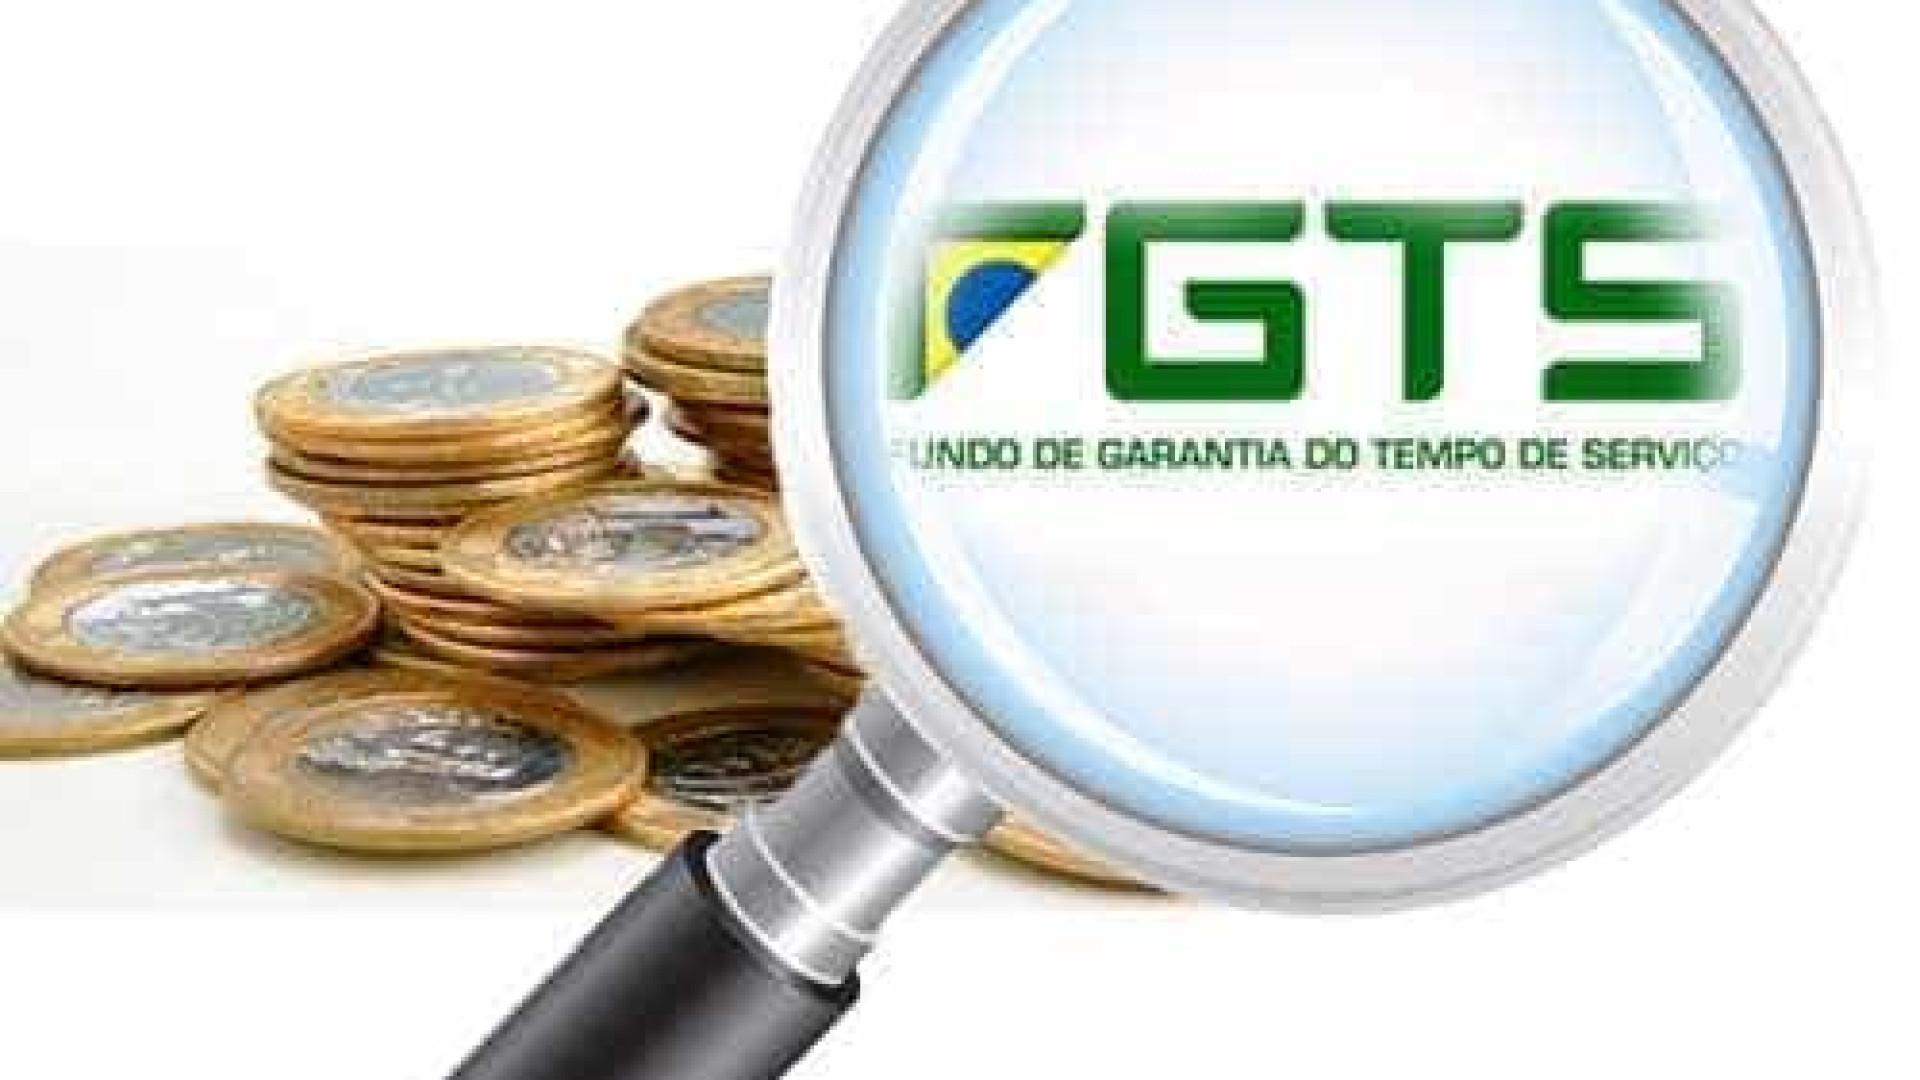 Bancos privados querem quebrar monopólio da Caixa no FGTS